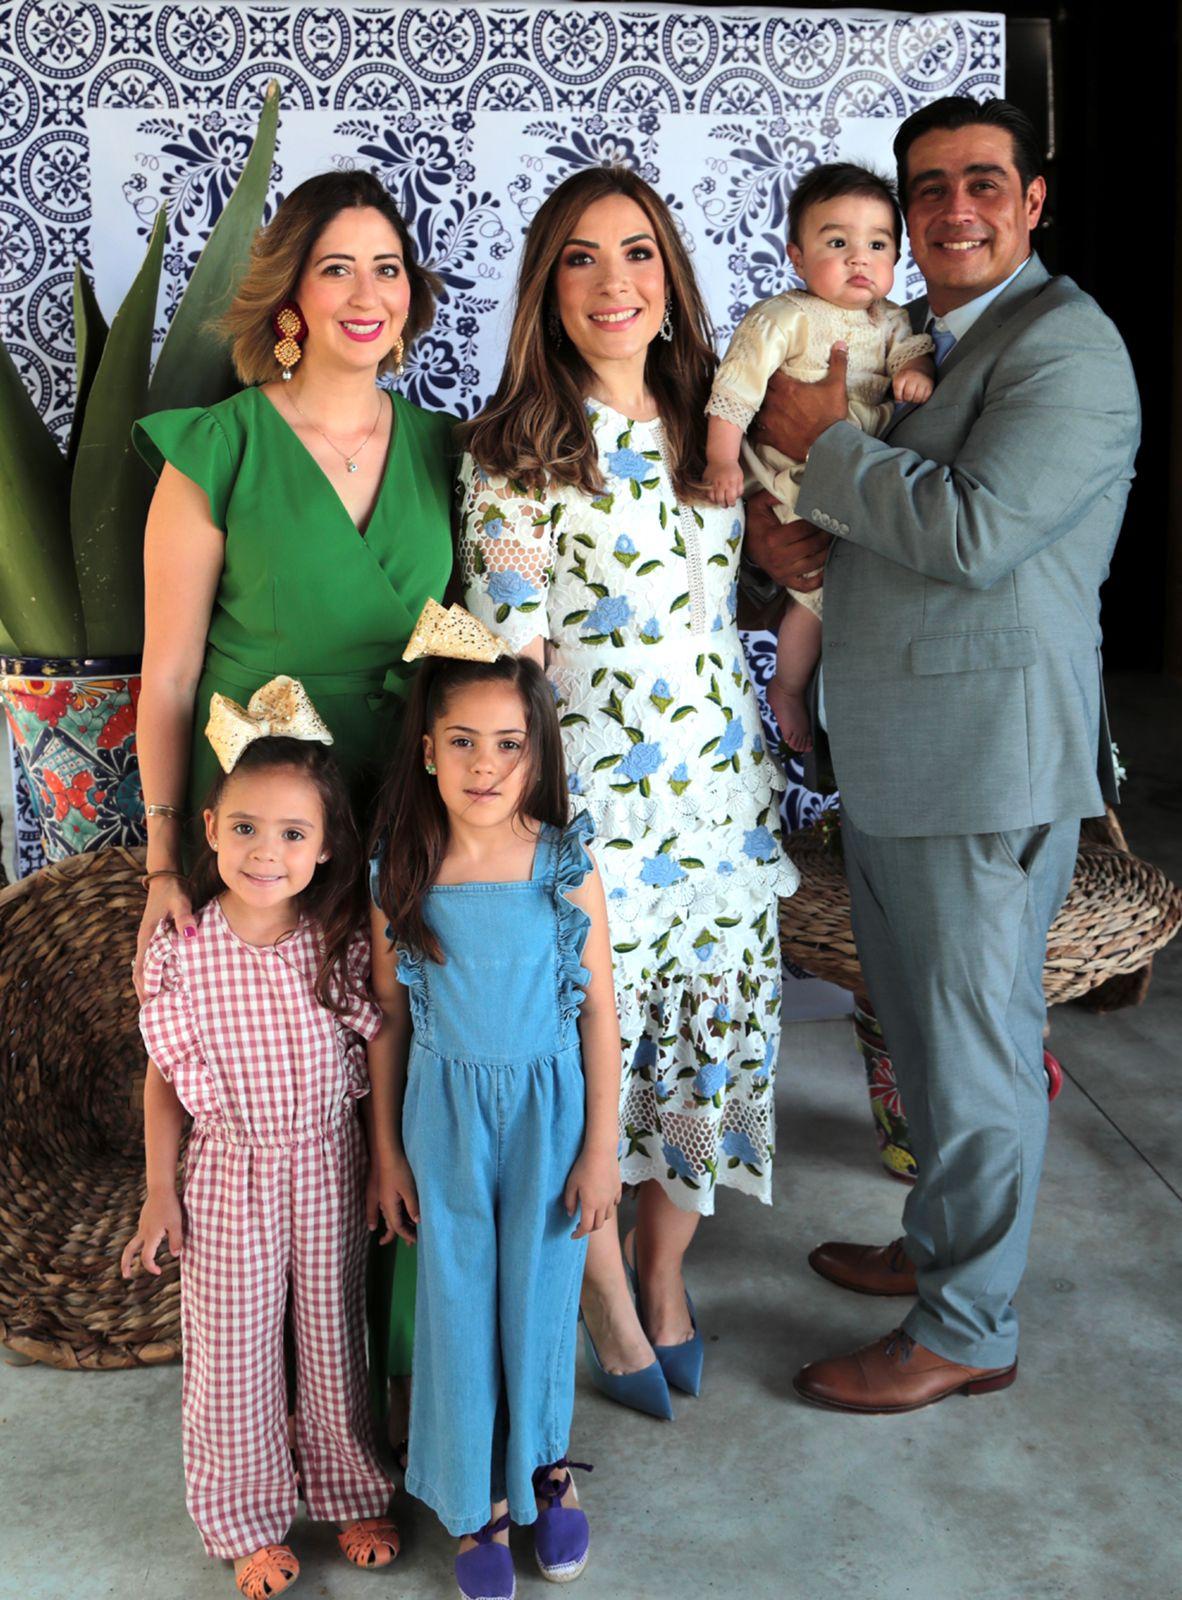 José Emilio y sus padres con Yussel Lozano y sus hijas, Carlotta y Amelia Saro Lozano.